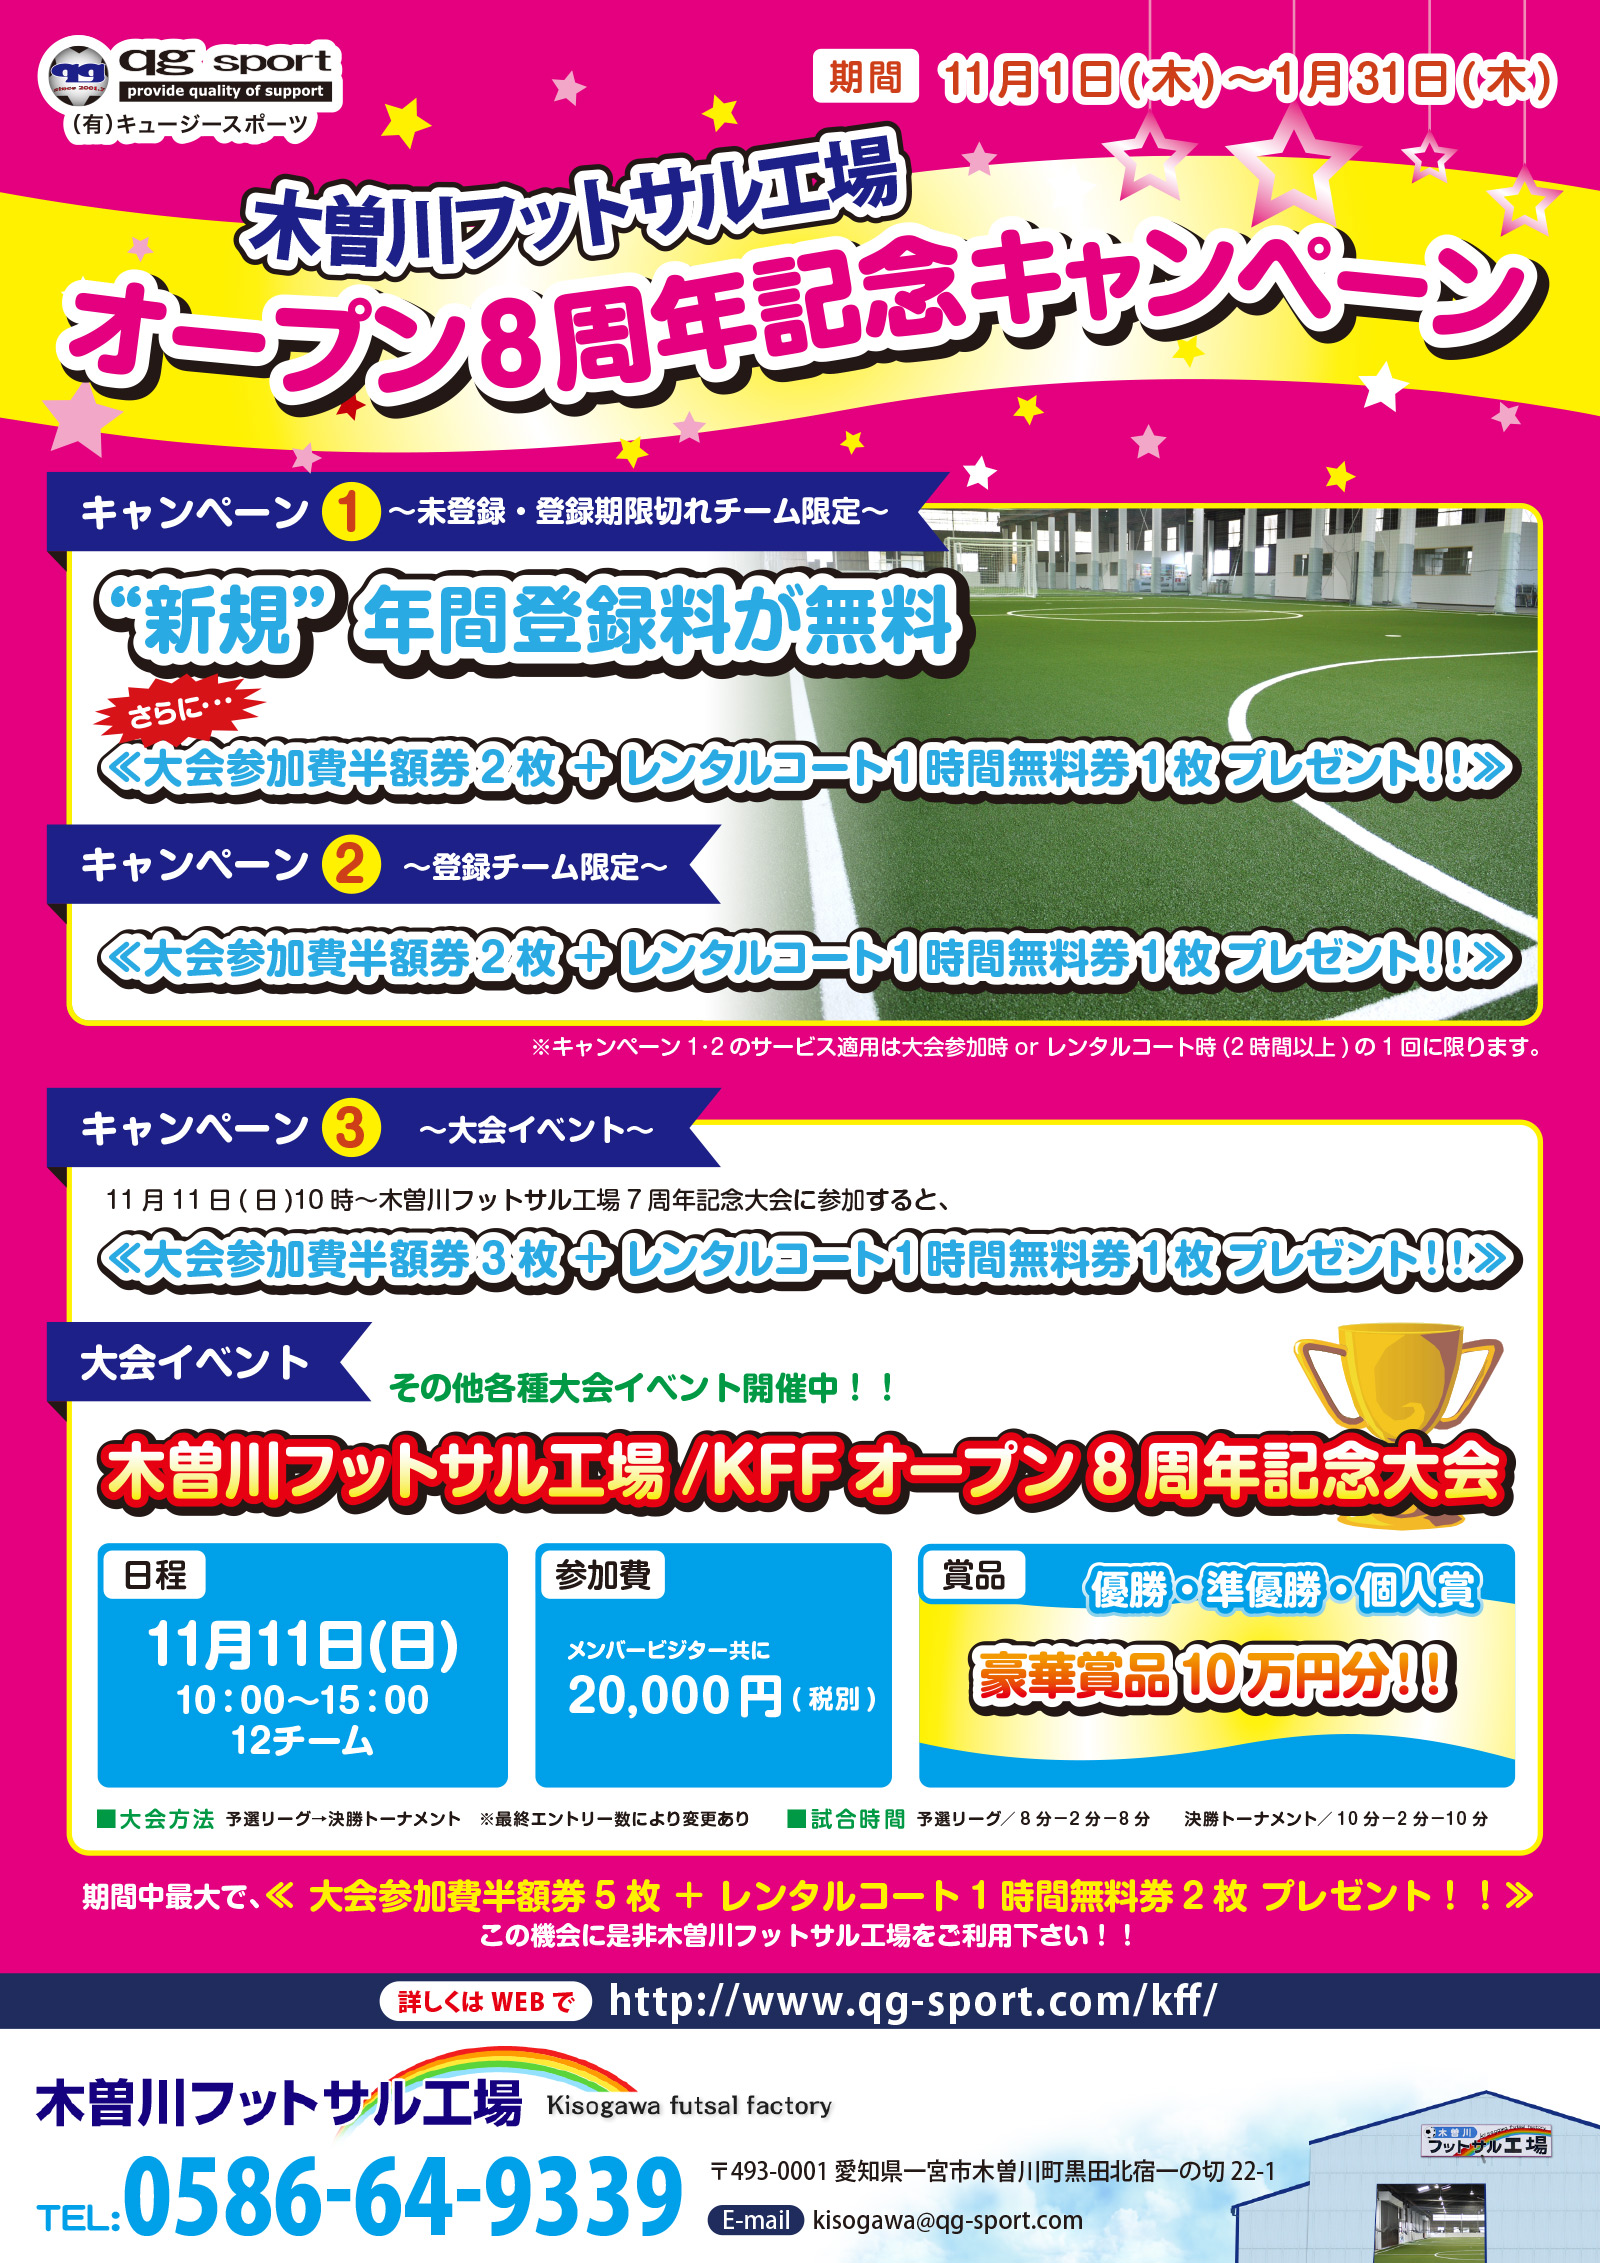 [お知らせ]木曽川フットサル工場8周年記念キャンペーン